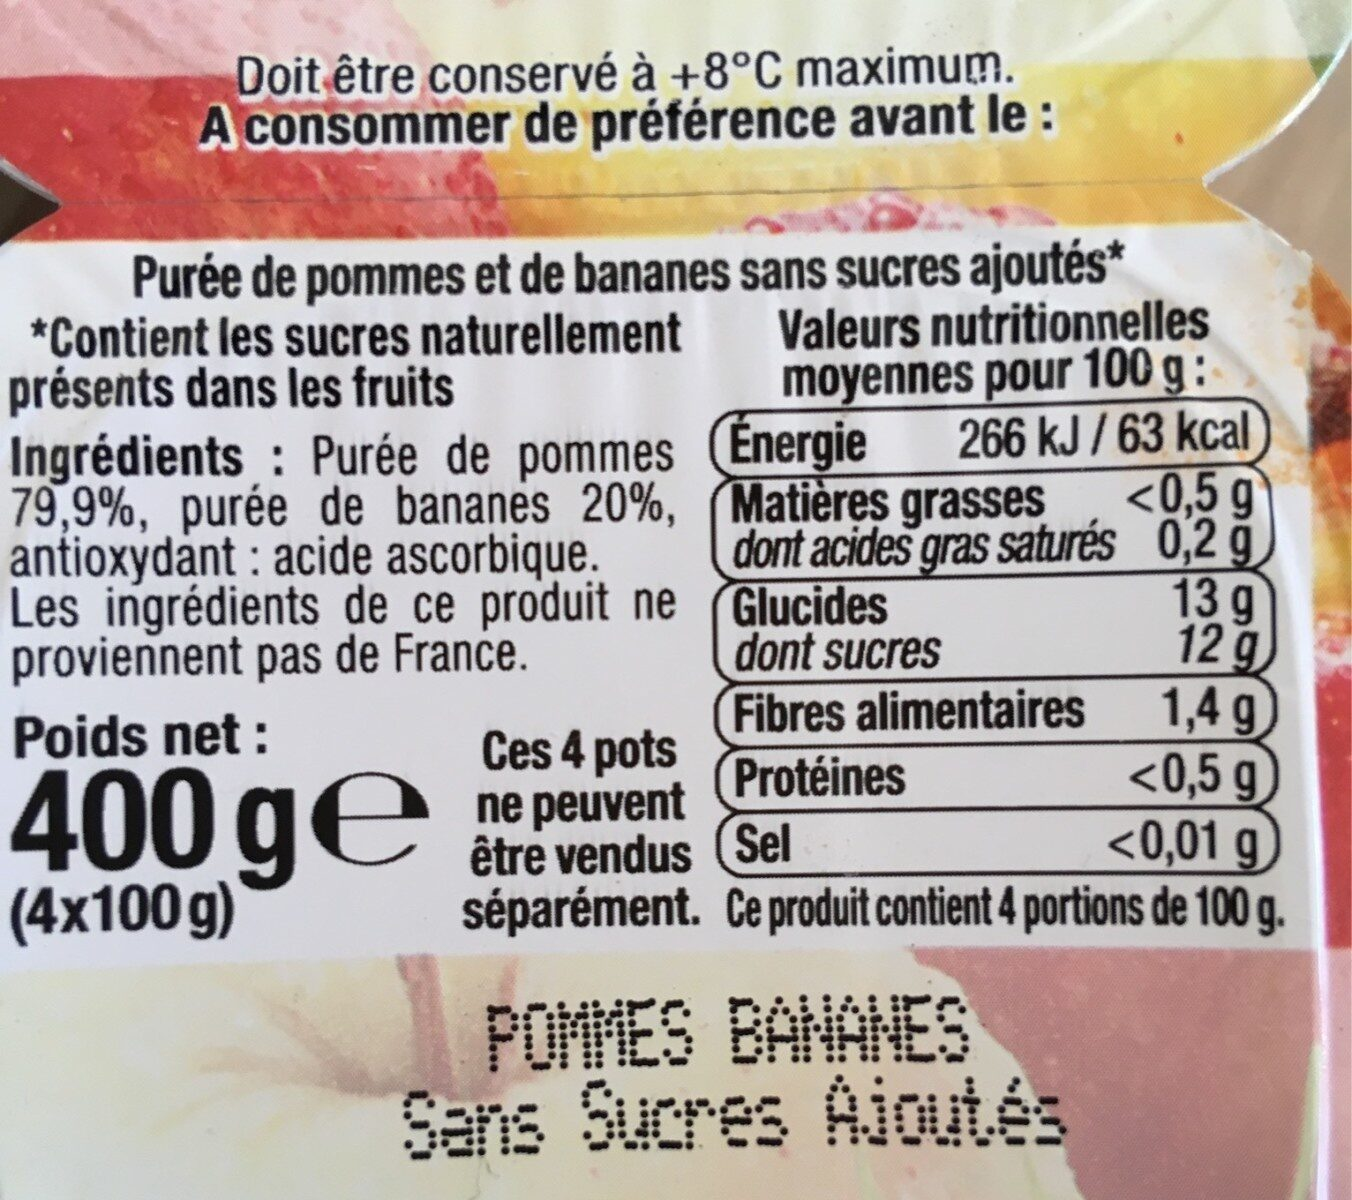 Purée de pommes banane sans sucres ajoutés - Informations nutritionnelles - fr